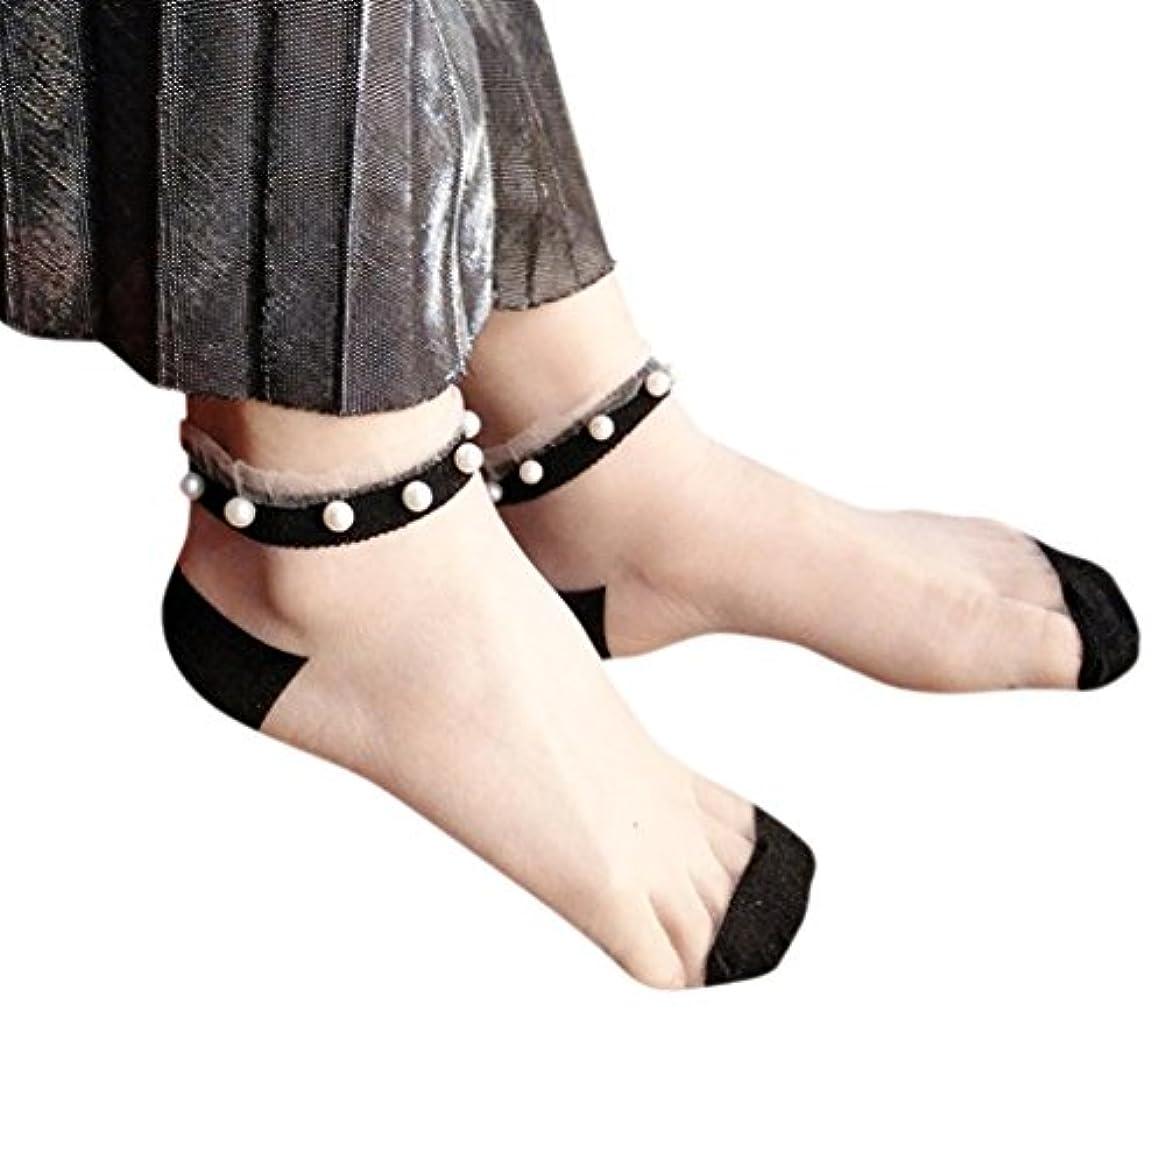 切り下げうなる費用Mhomzawa 靴下レディース ソックス レディース シースルーソックス ガラスワイヤ ステルス ソックス 象嵌真珠スリップ通気性 極薄 短型 夏用 おしゃれ 超可愛い